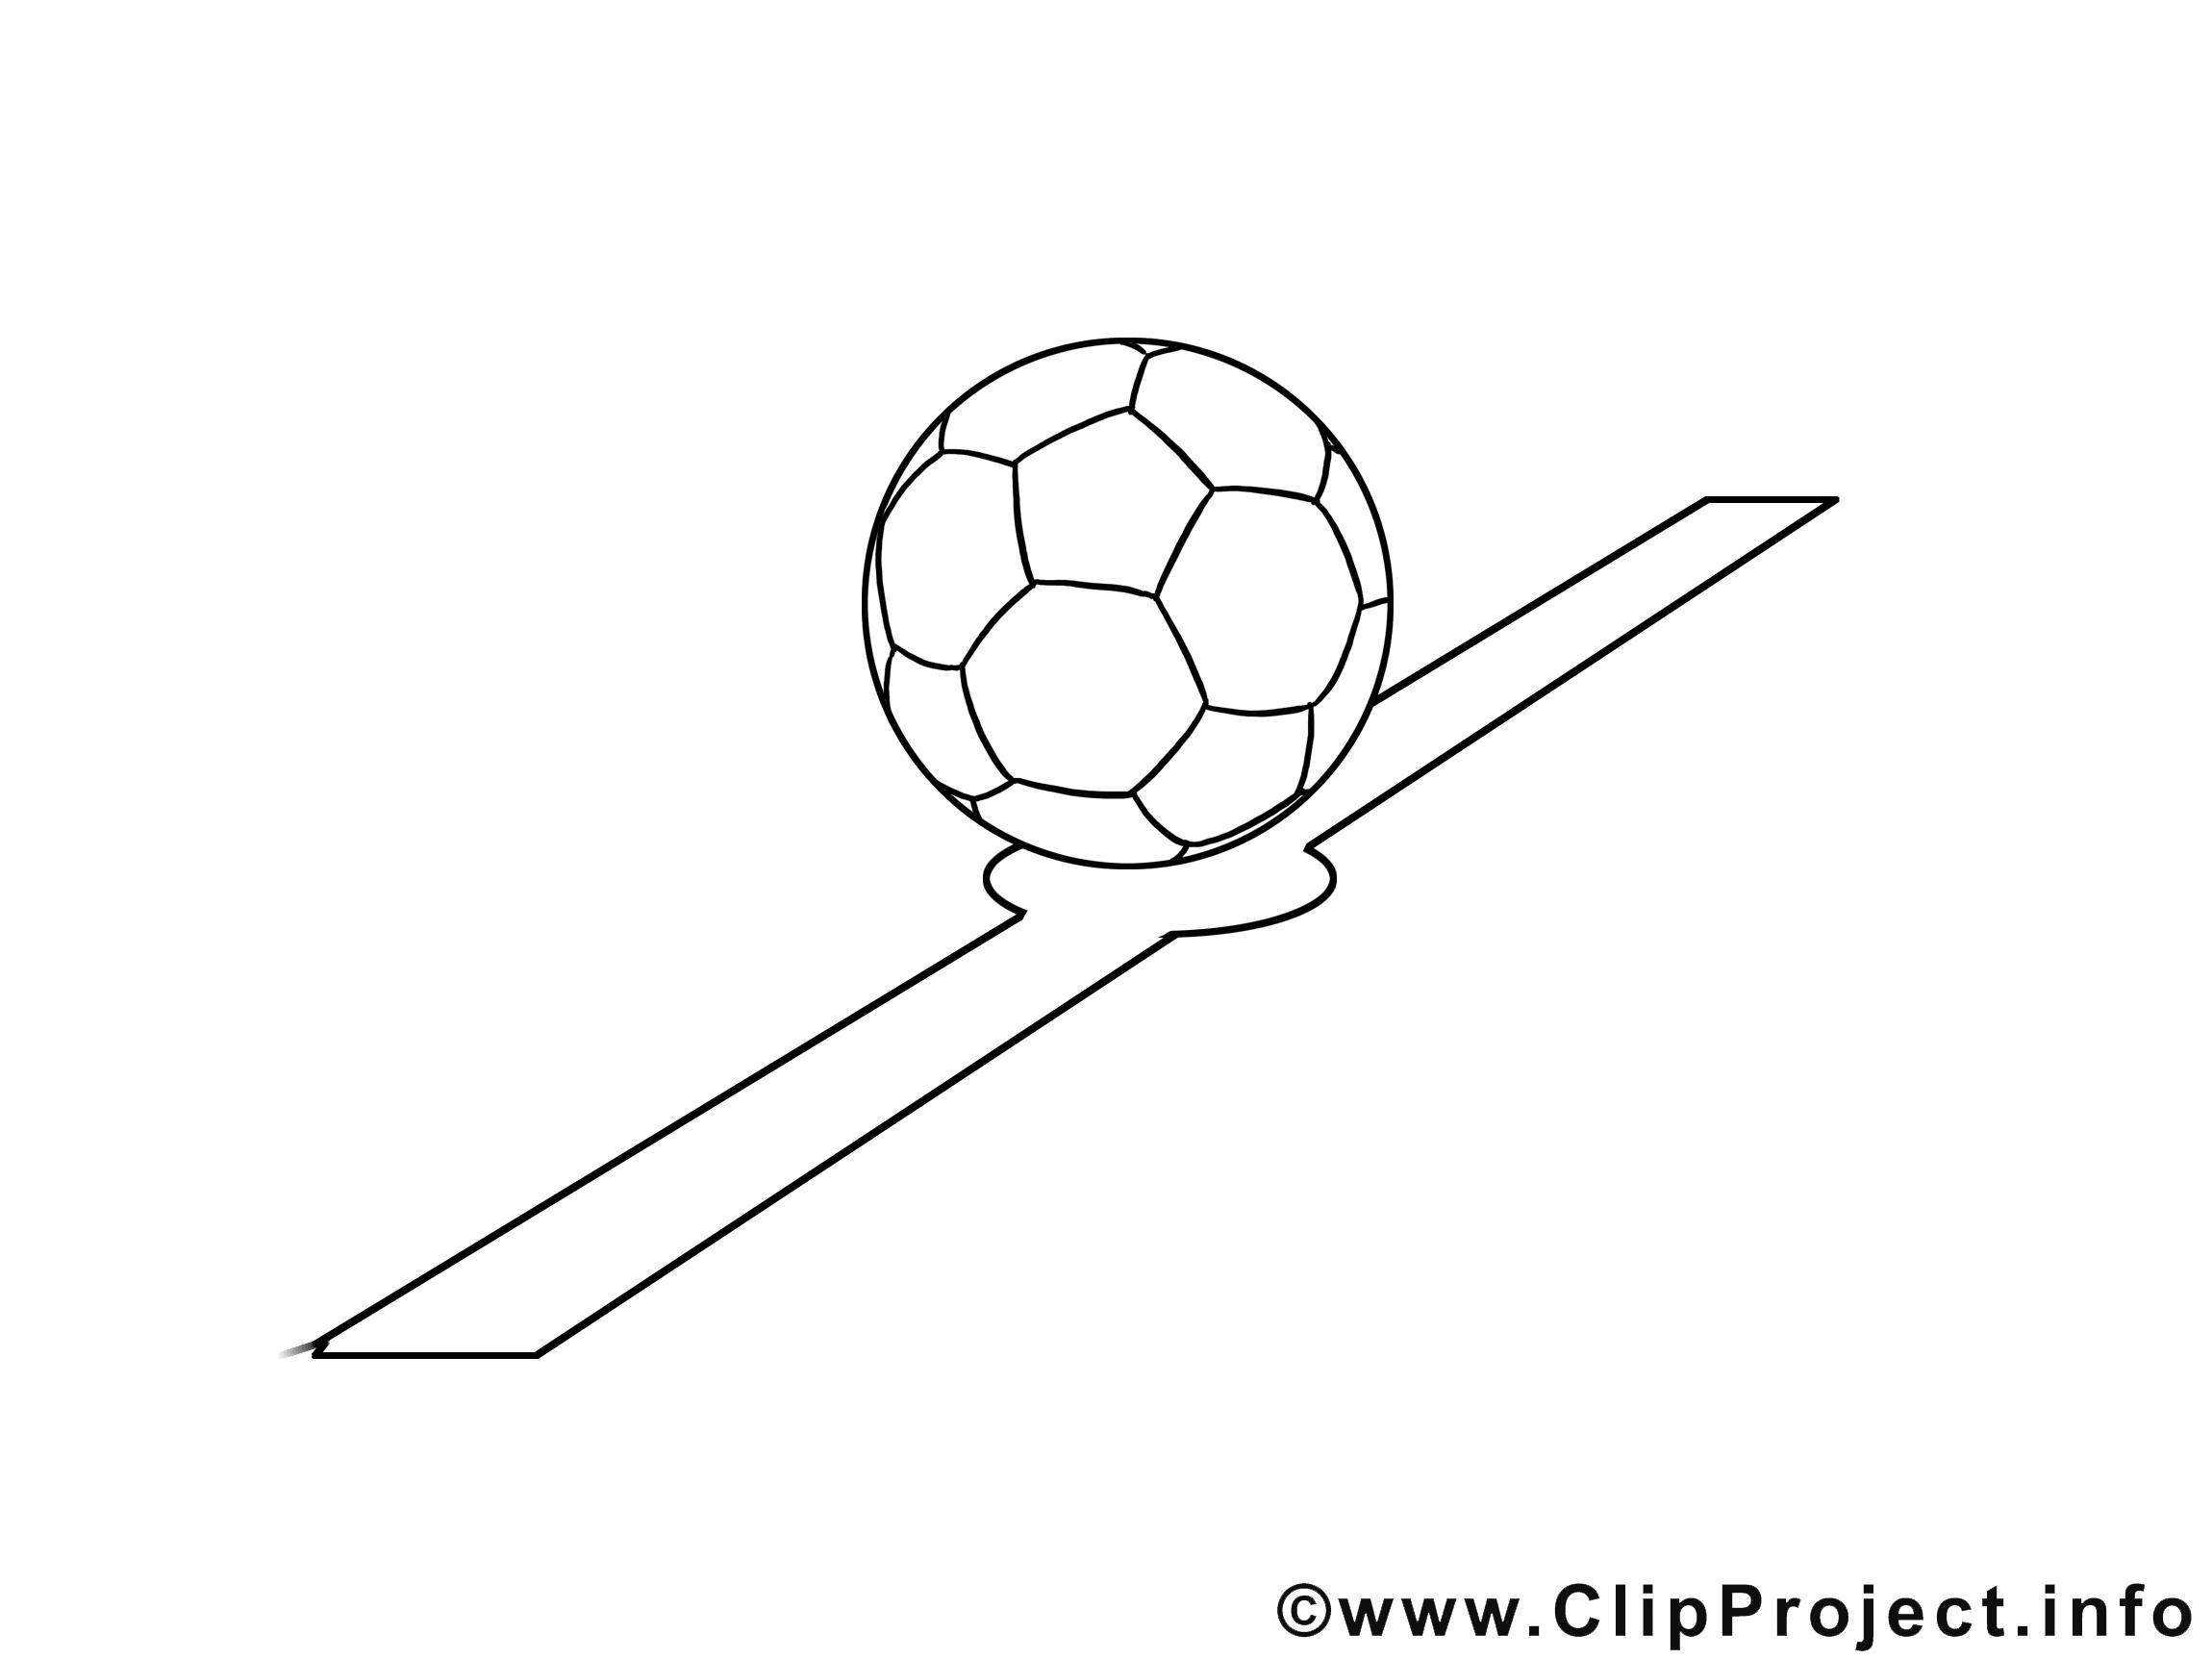 fussball an linie  kostenlose malvorlagen ausmalbilder